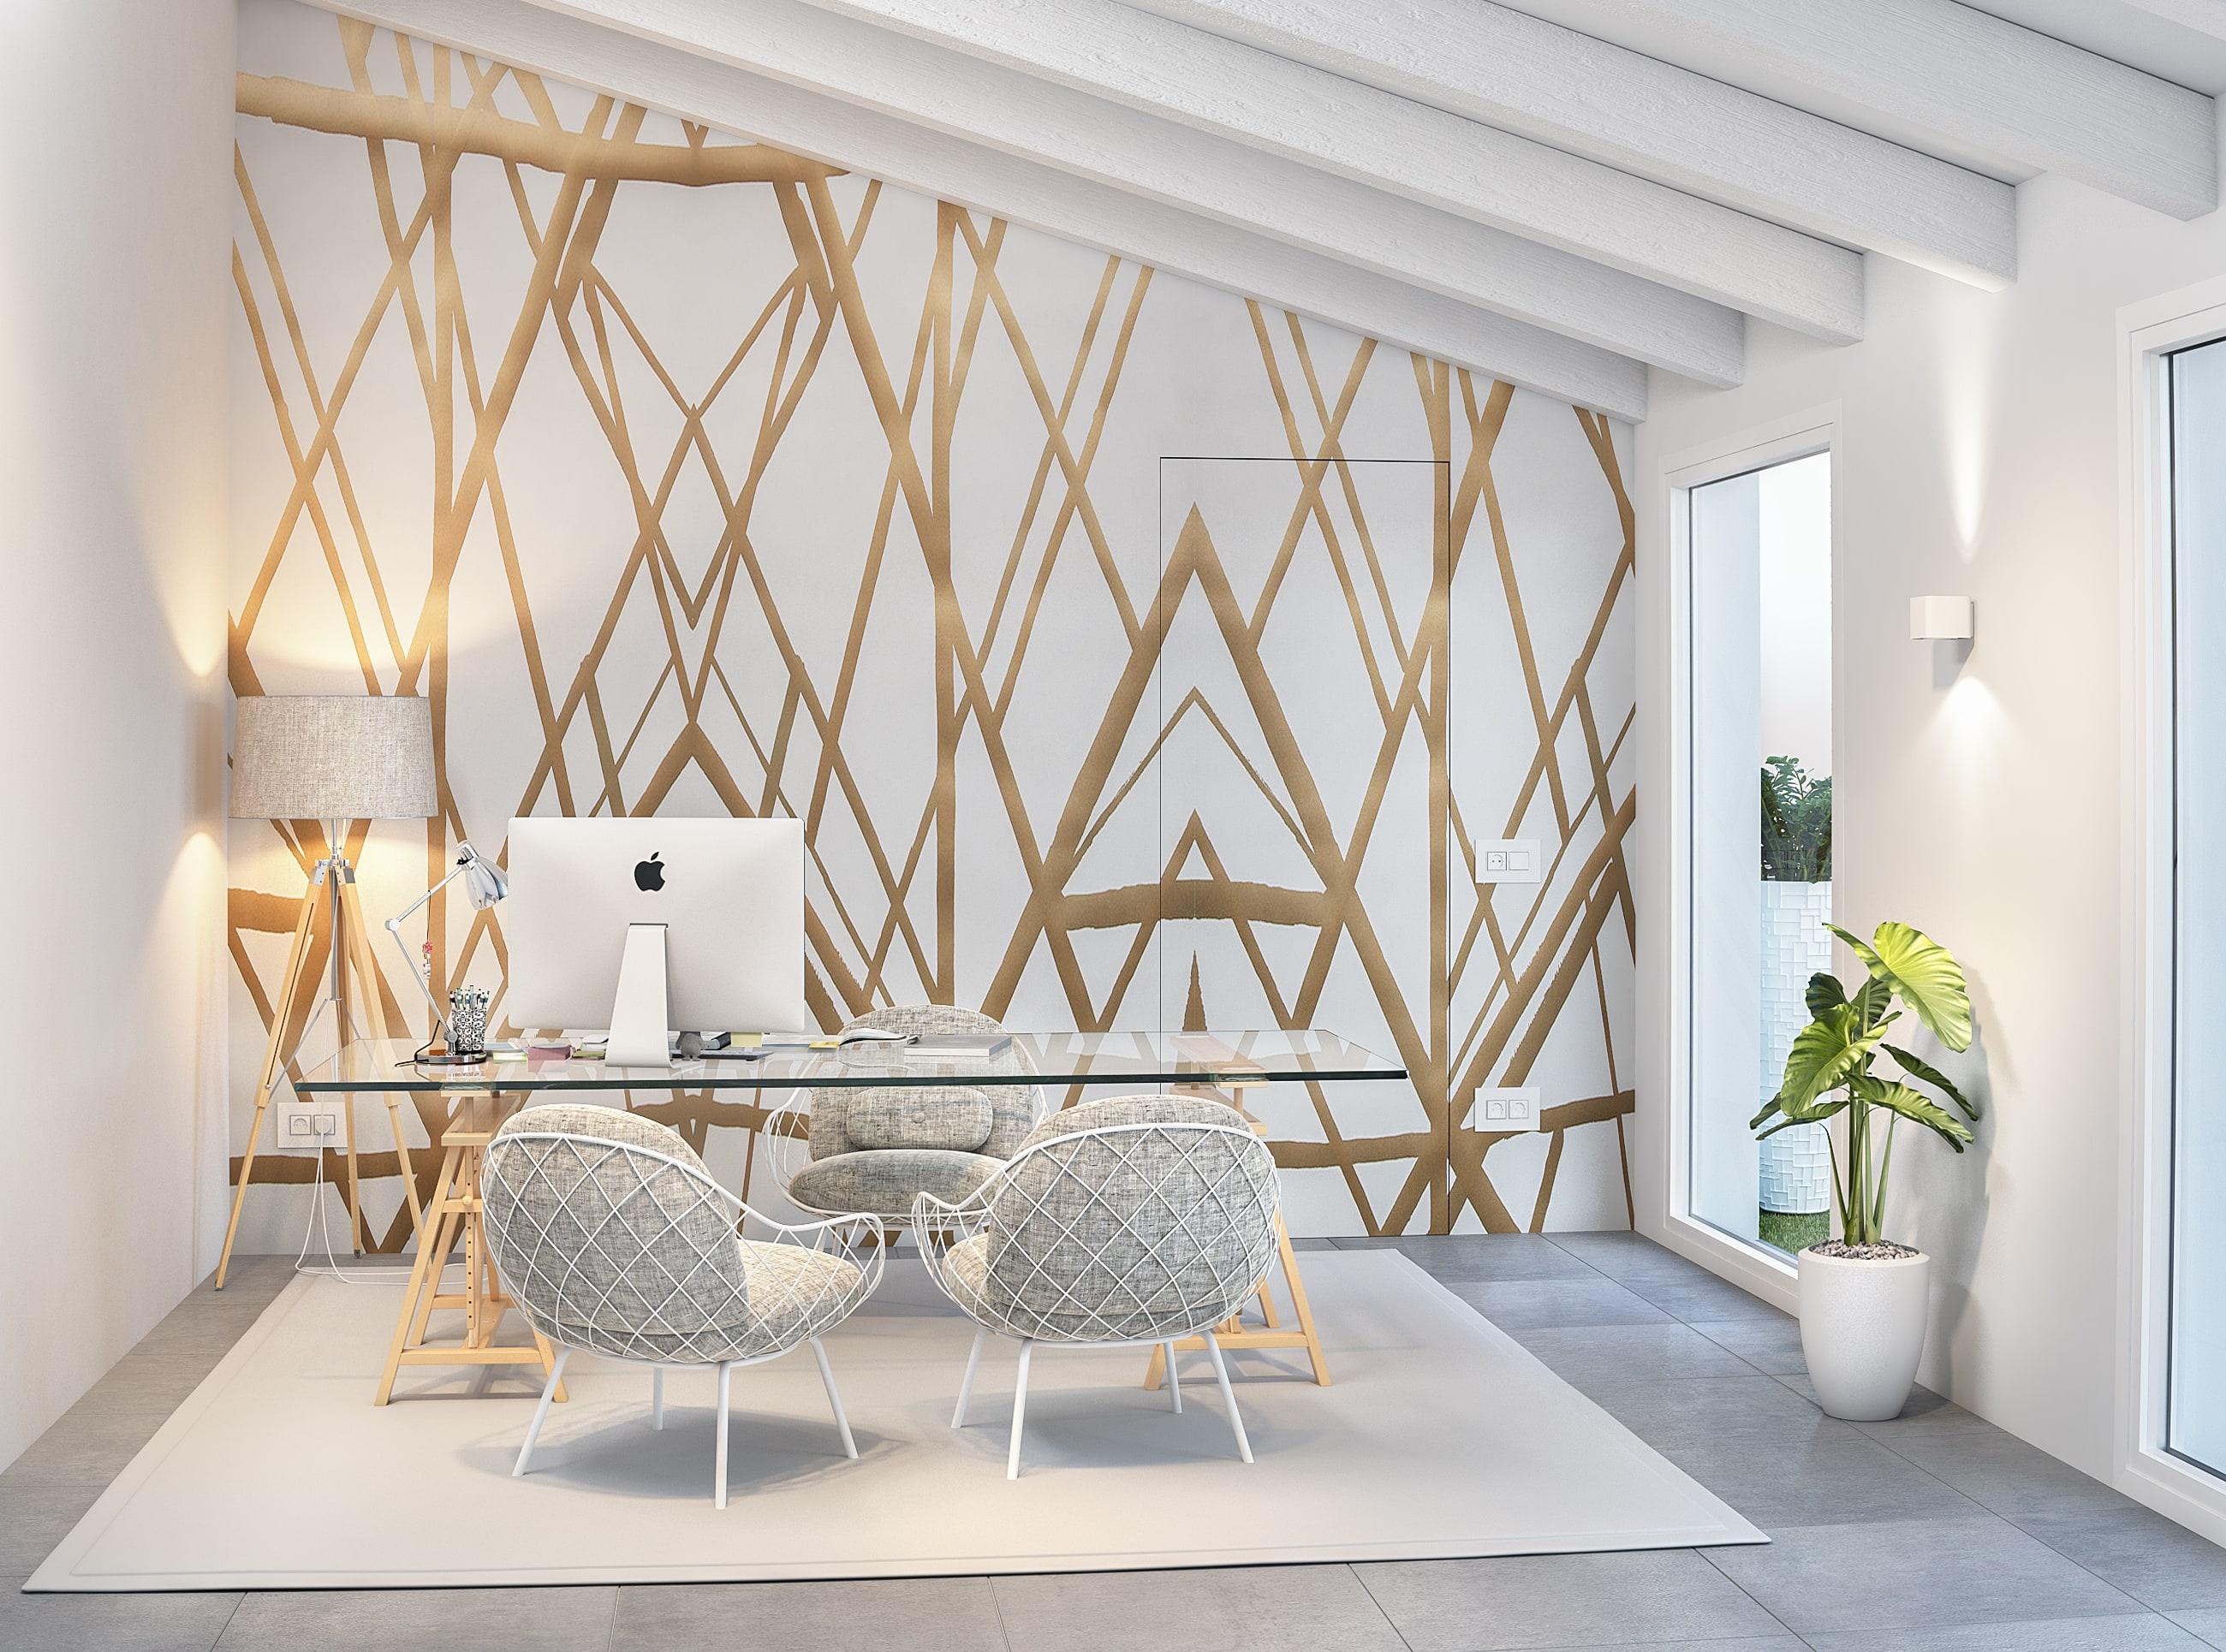 Pitzus group costruzioni e ristrutturazioni in costa - Arredamento studio casa moderno ...